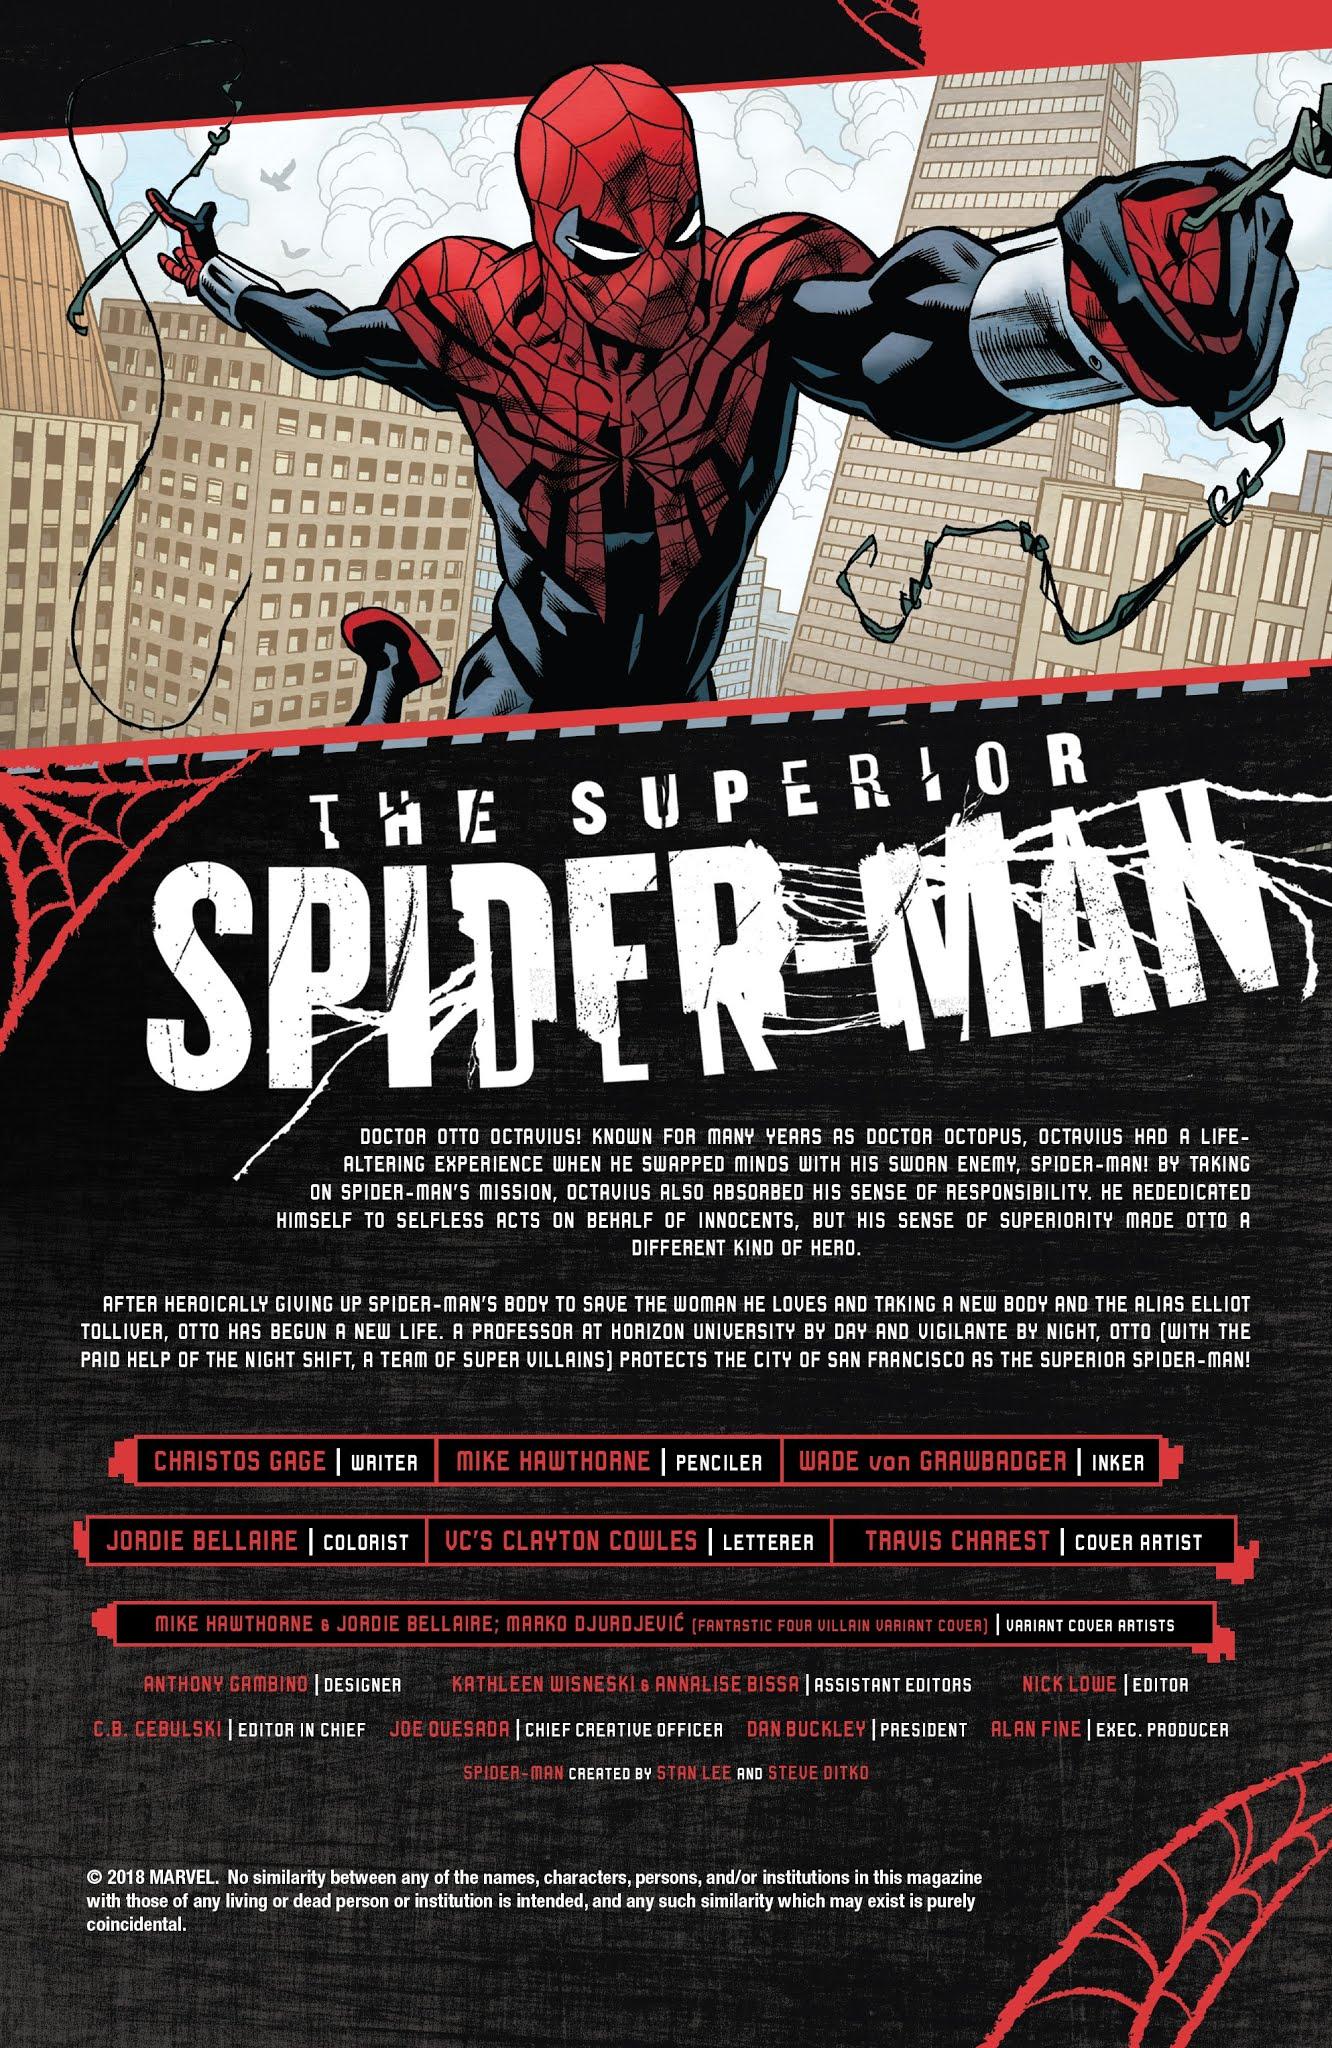 Superior Spider-Man (2019) issue 1 - Page 3